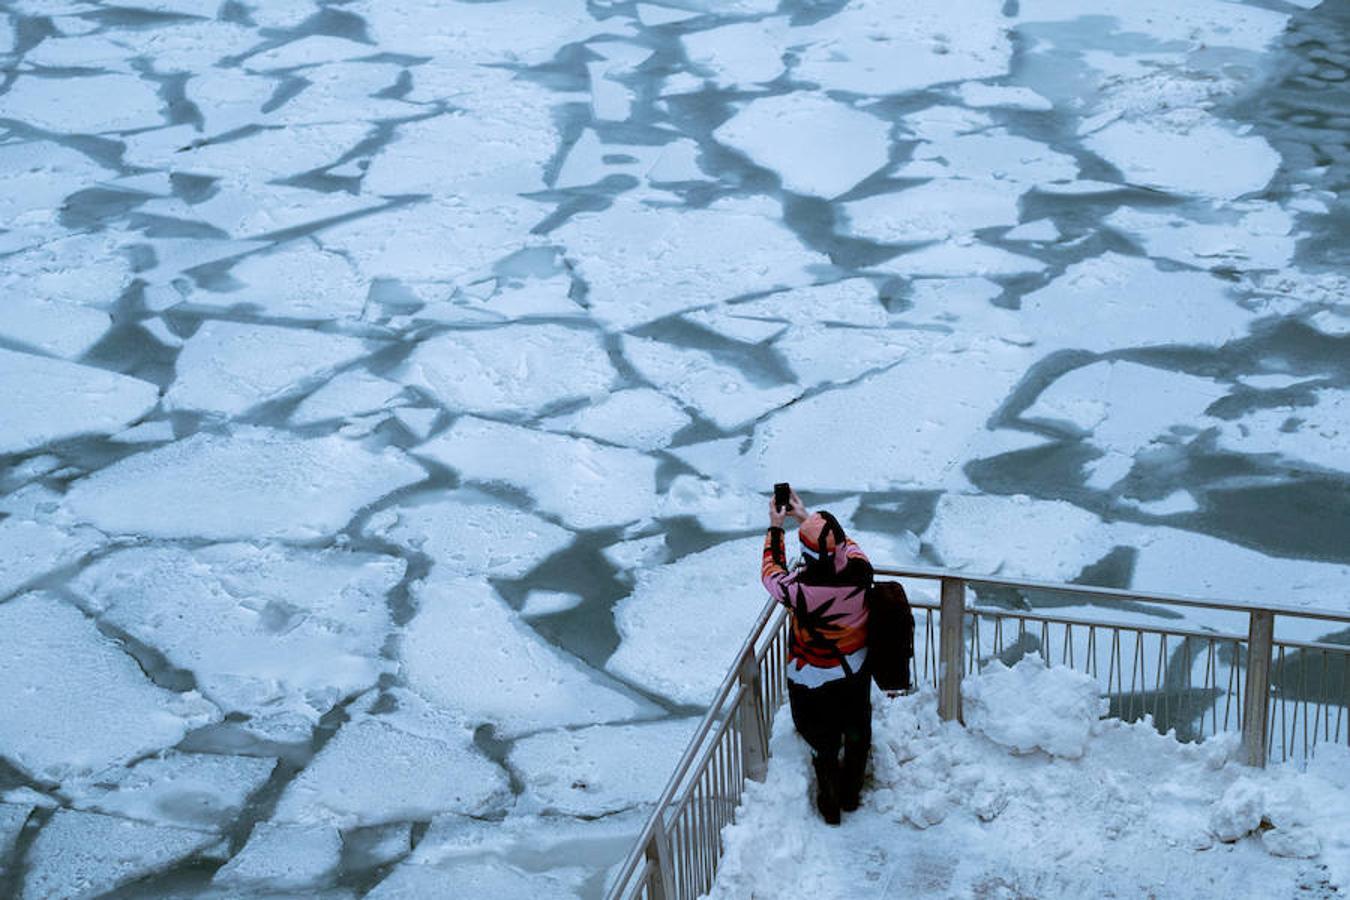 El lago Michigan en Chicago, Illinois, Estados Unidos.